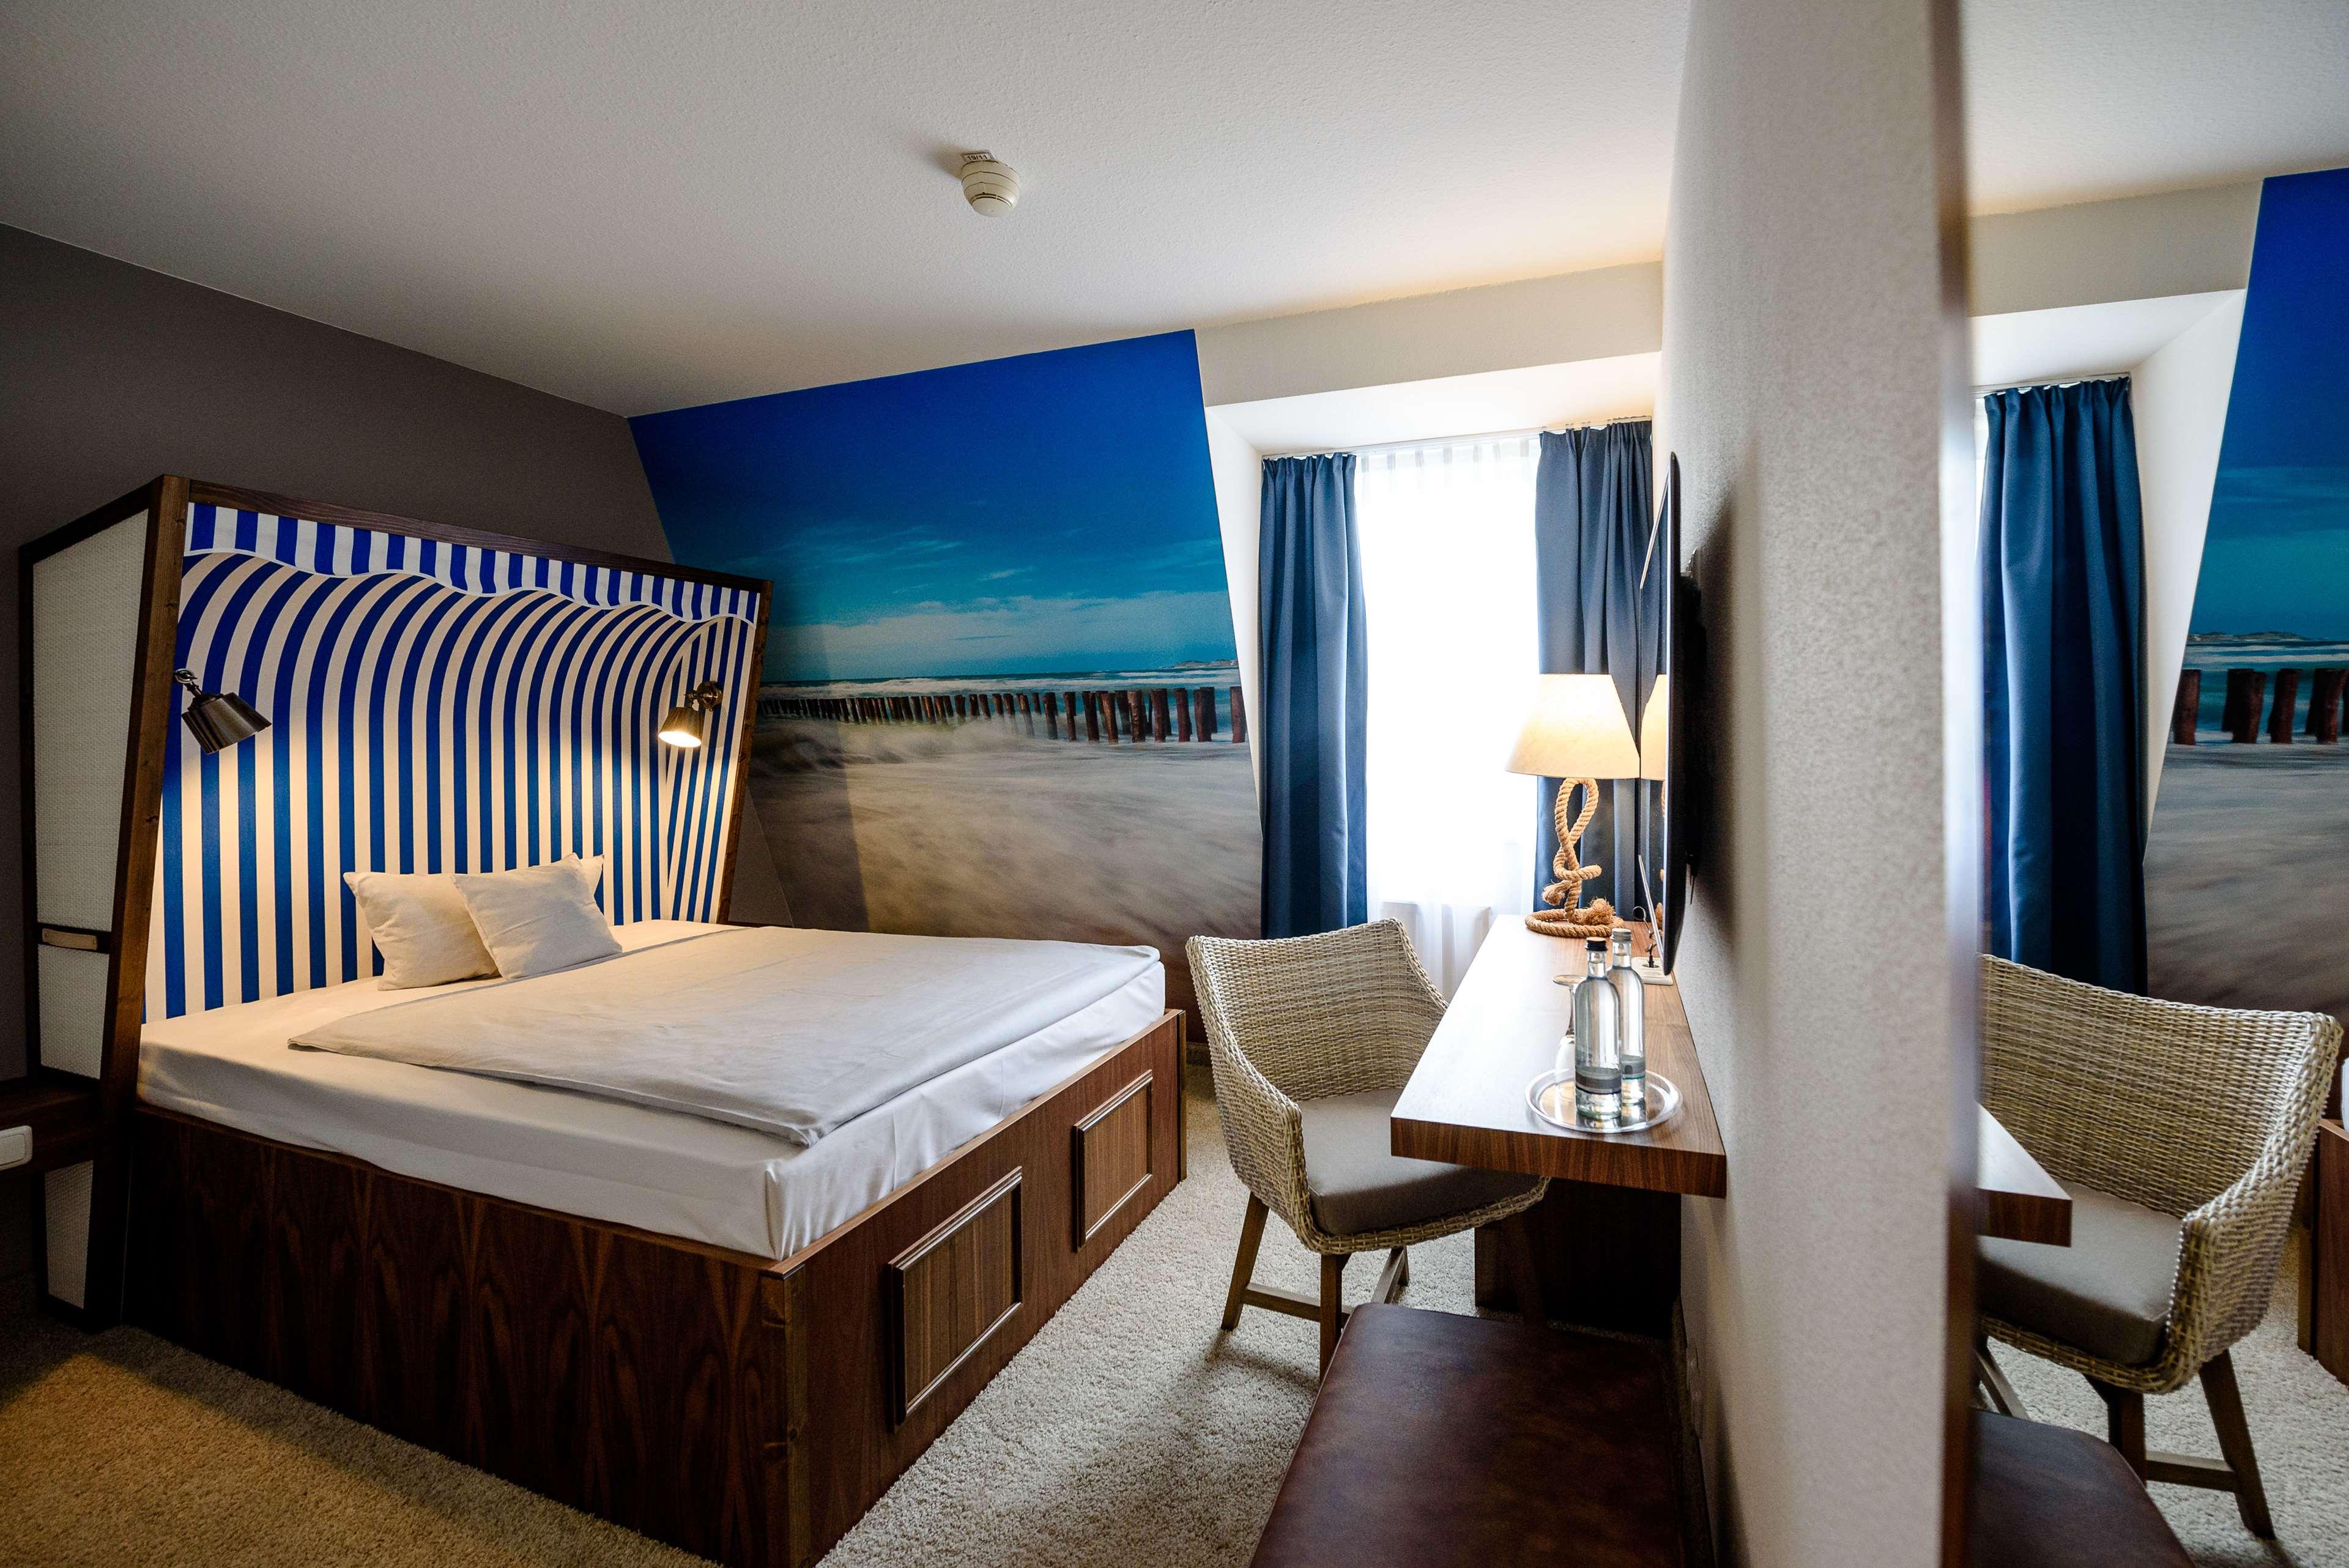 Hotel Best Western In Alzey